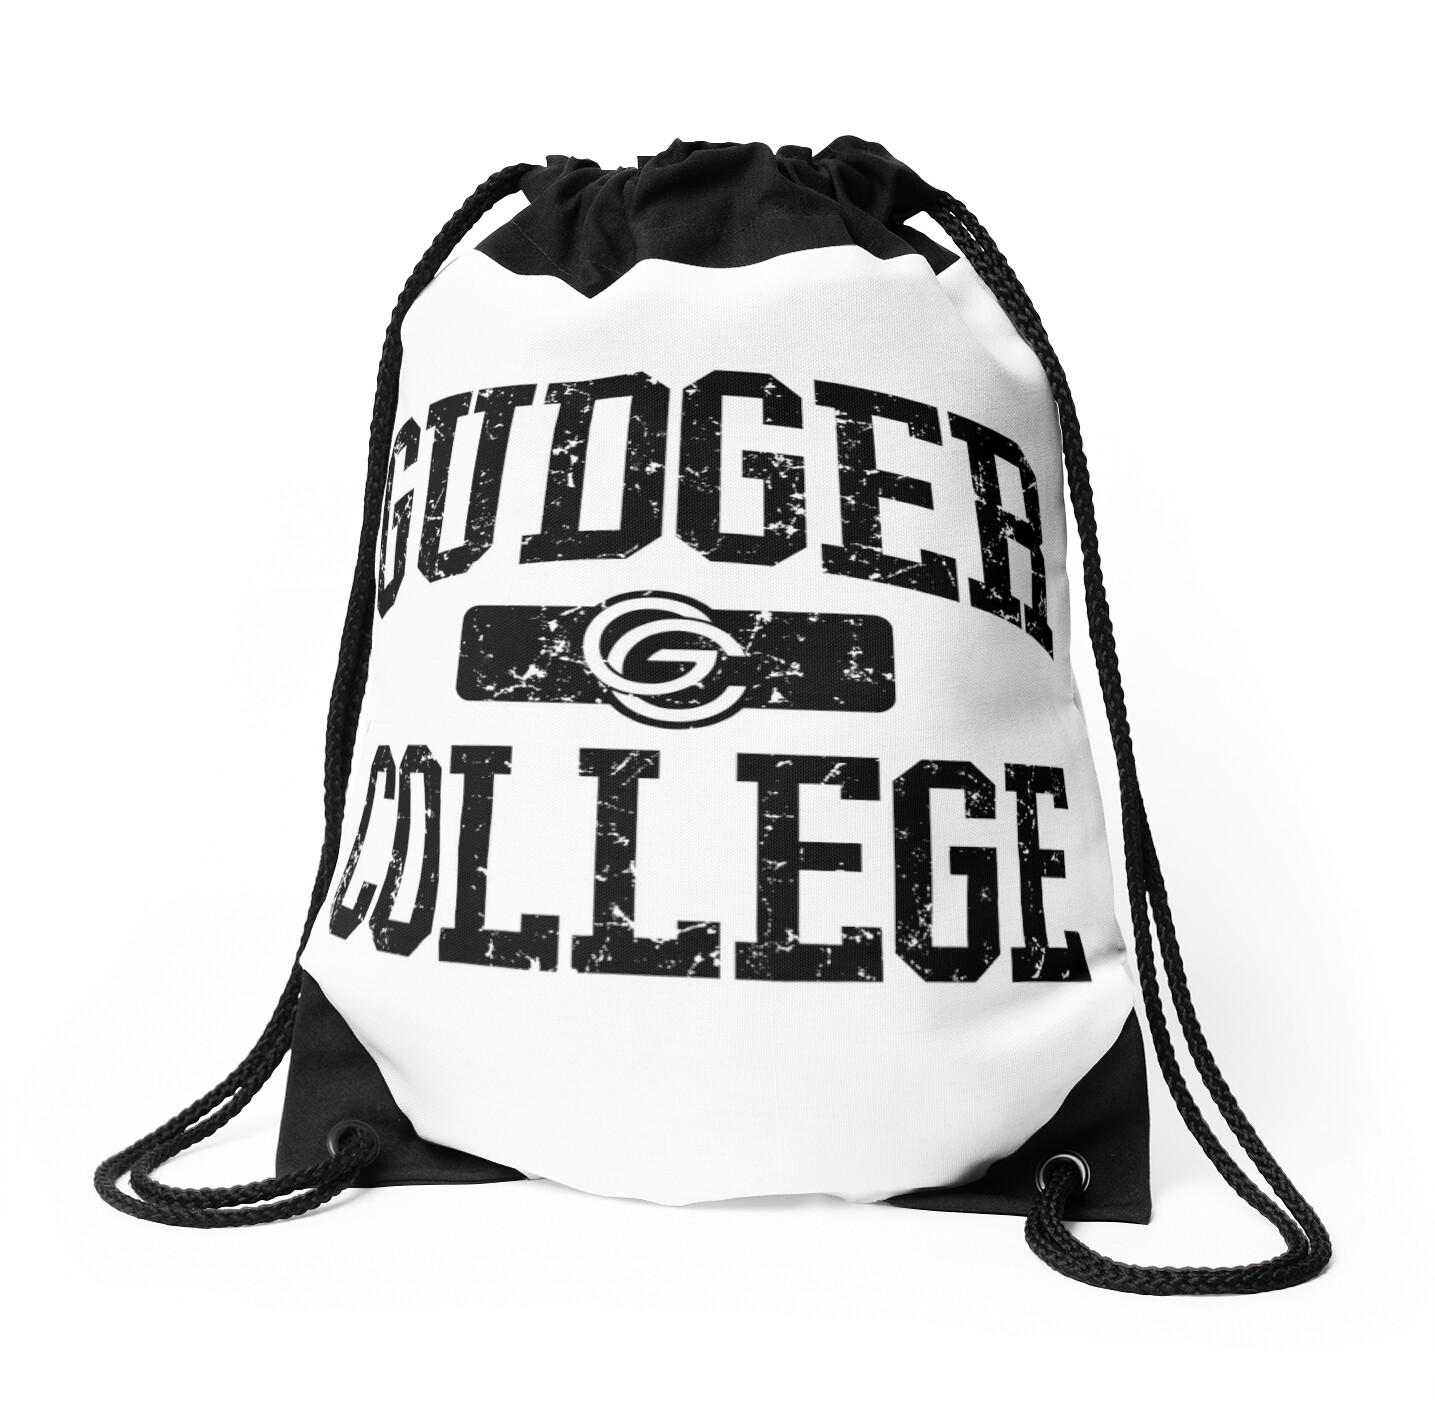 Gudger College